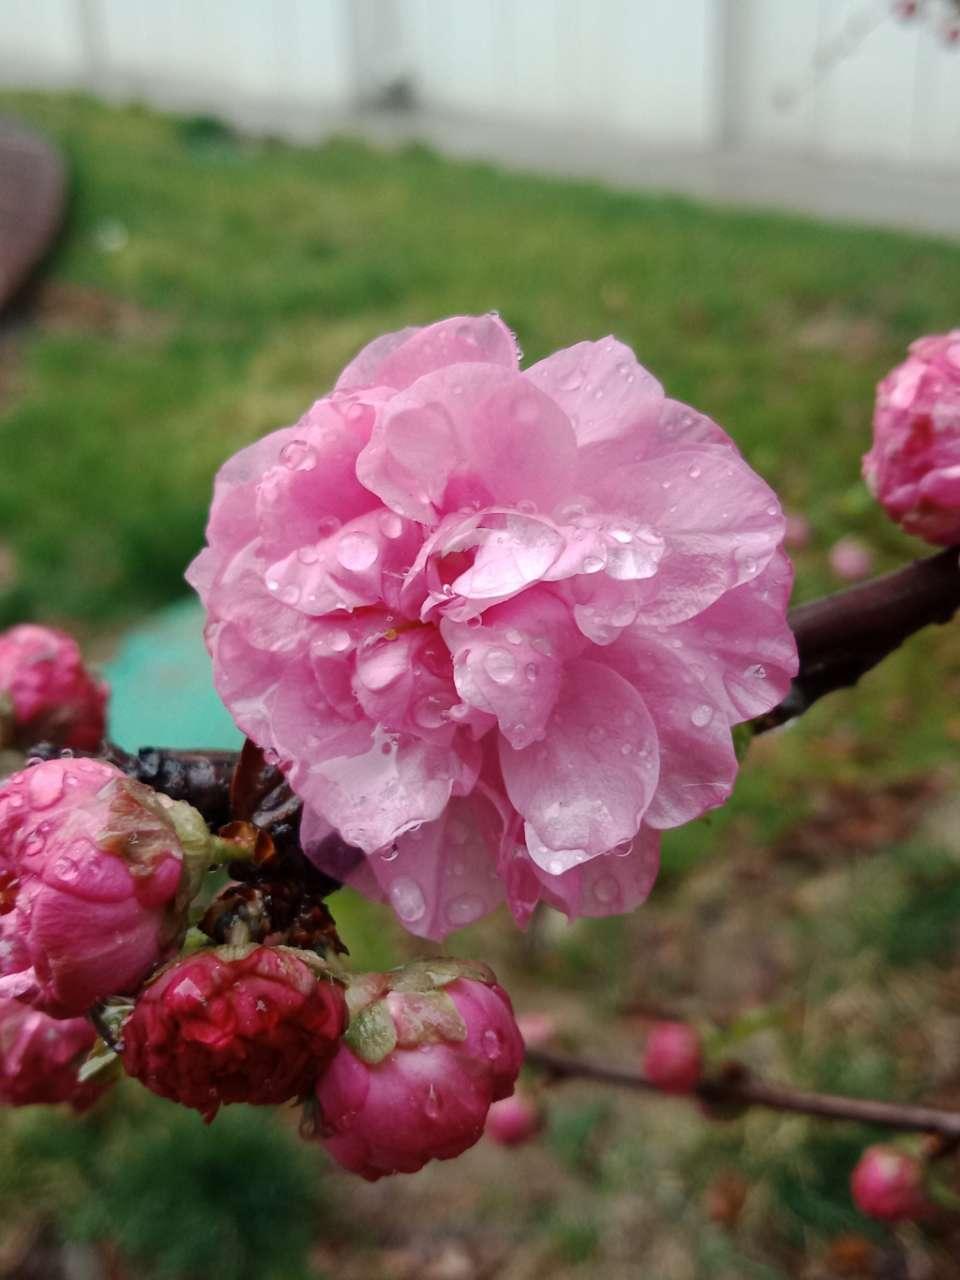 暗背景纯背景,亮花,占据画面突出位置,清晰,拍花的秘诀-12.jpg